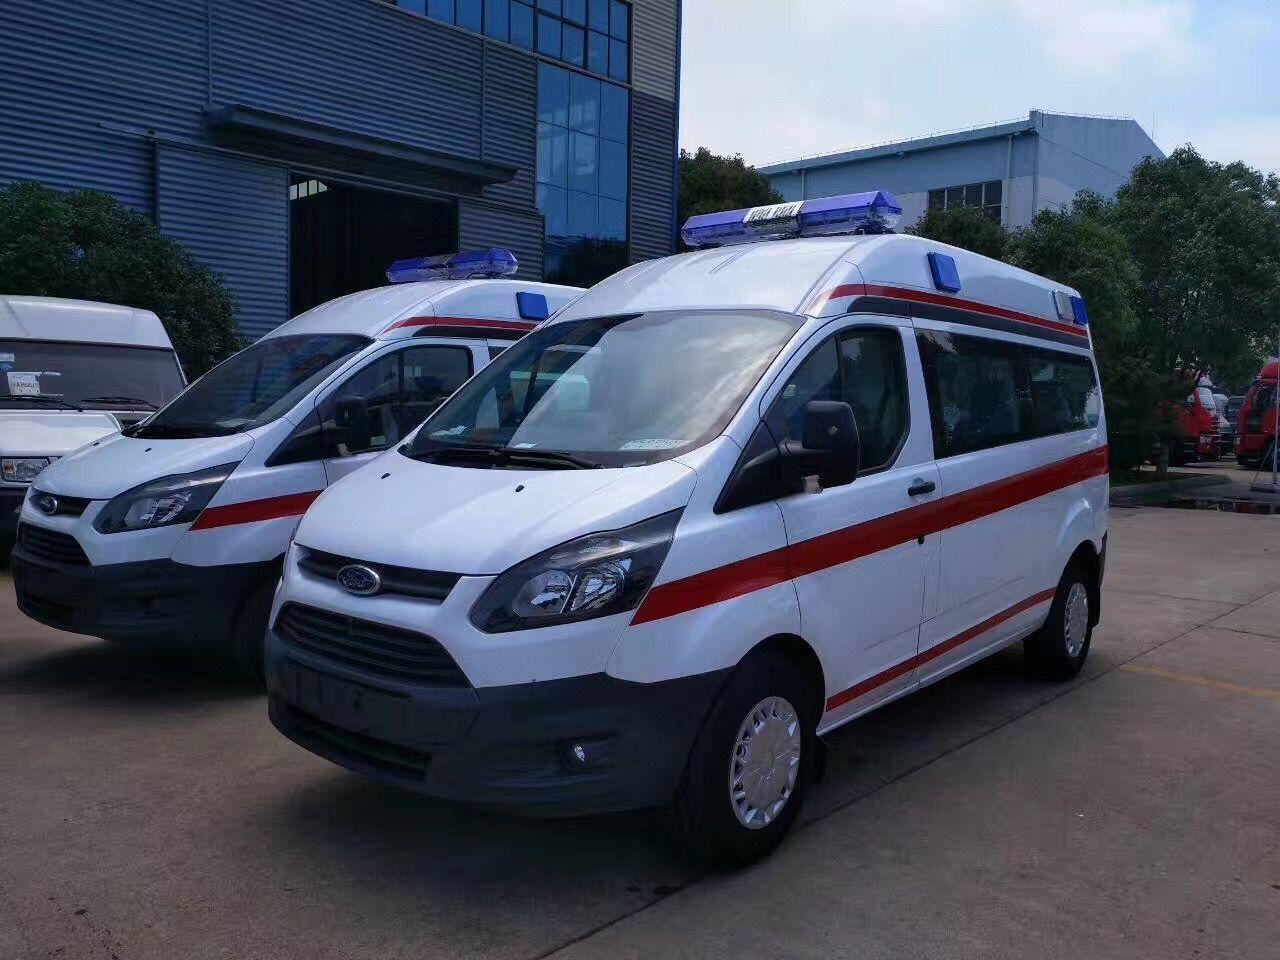 安徽六安霍邱县中医院订购的两台新全顺救护车顺利发车